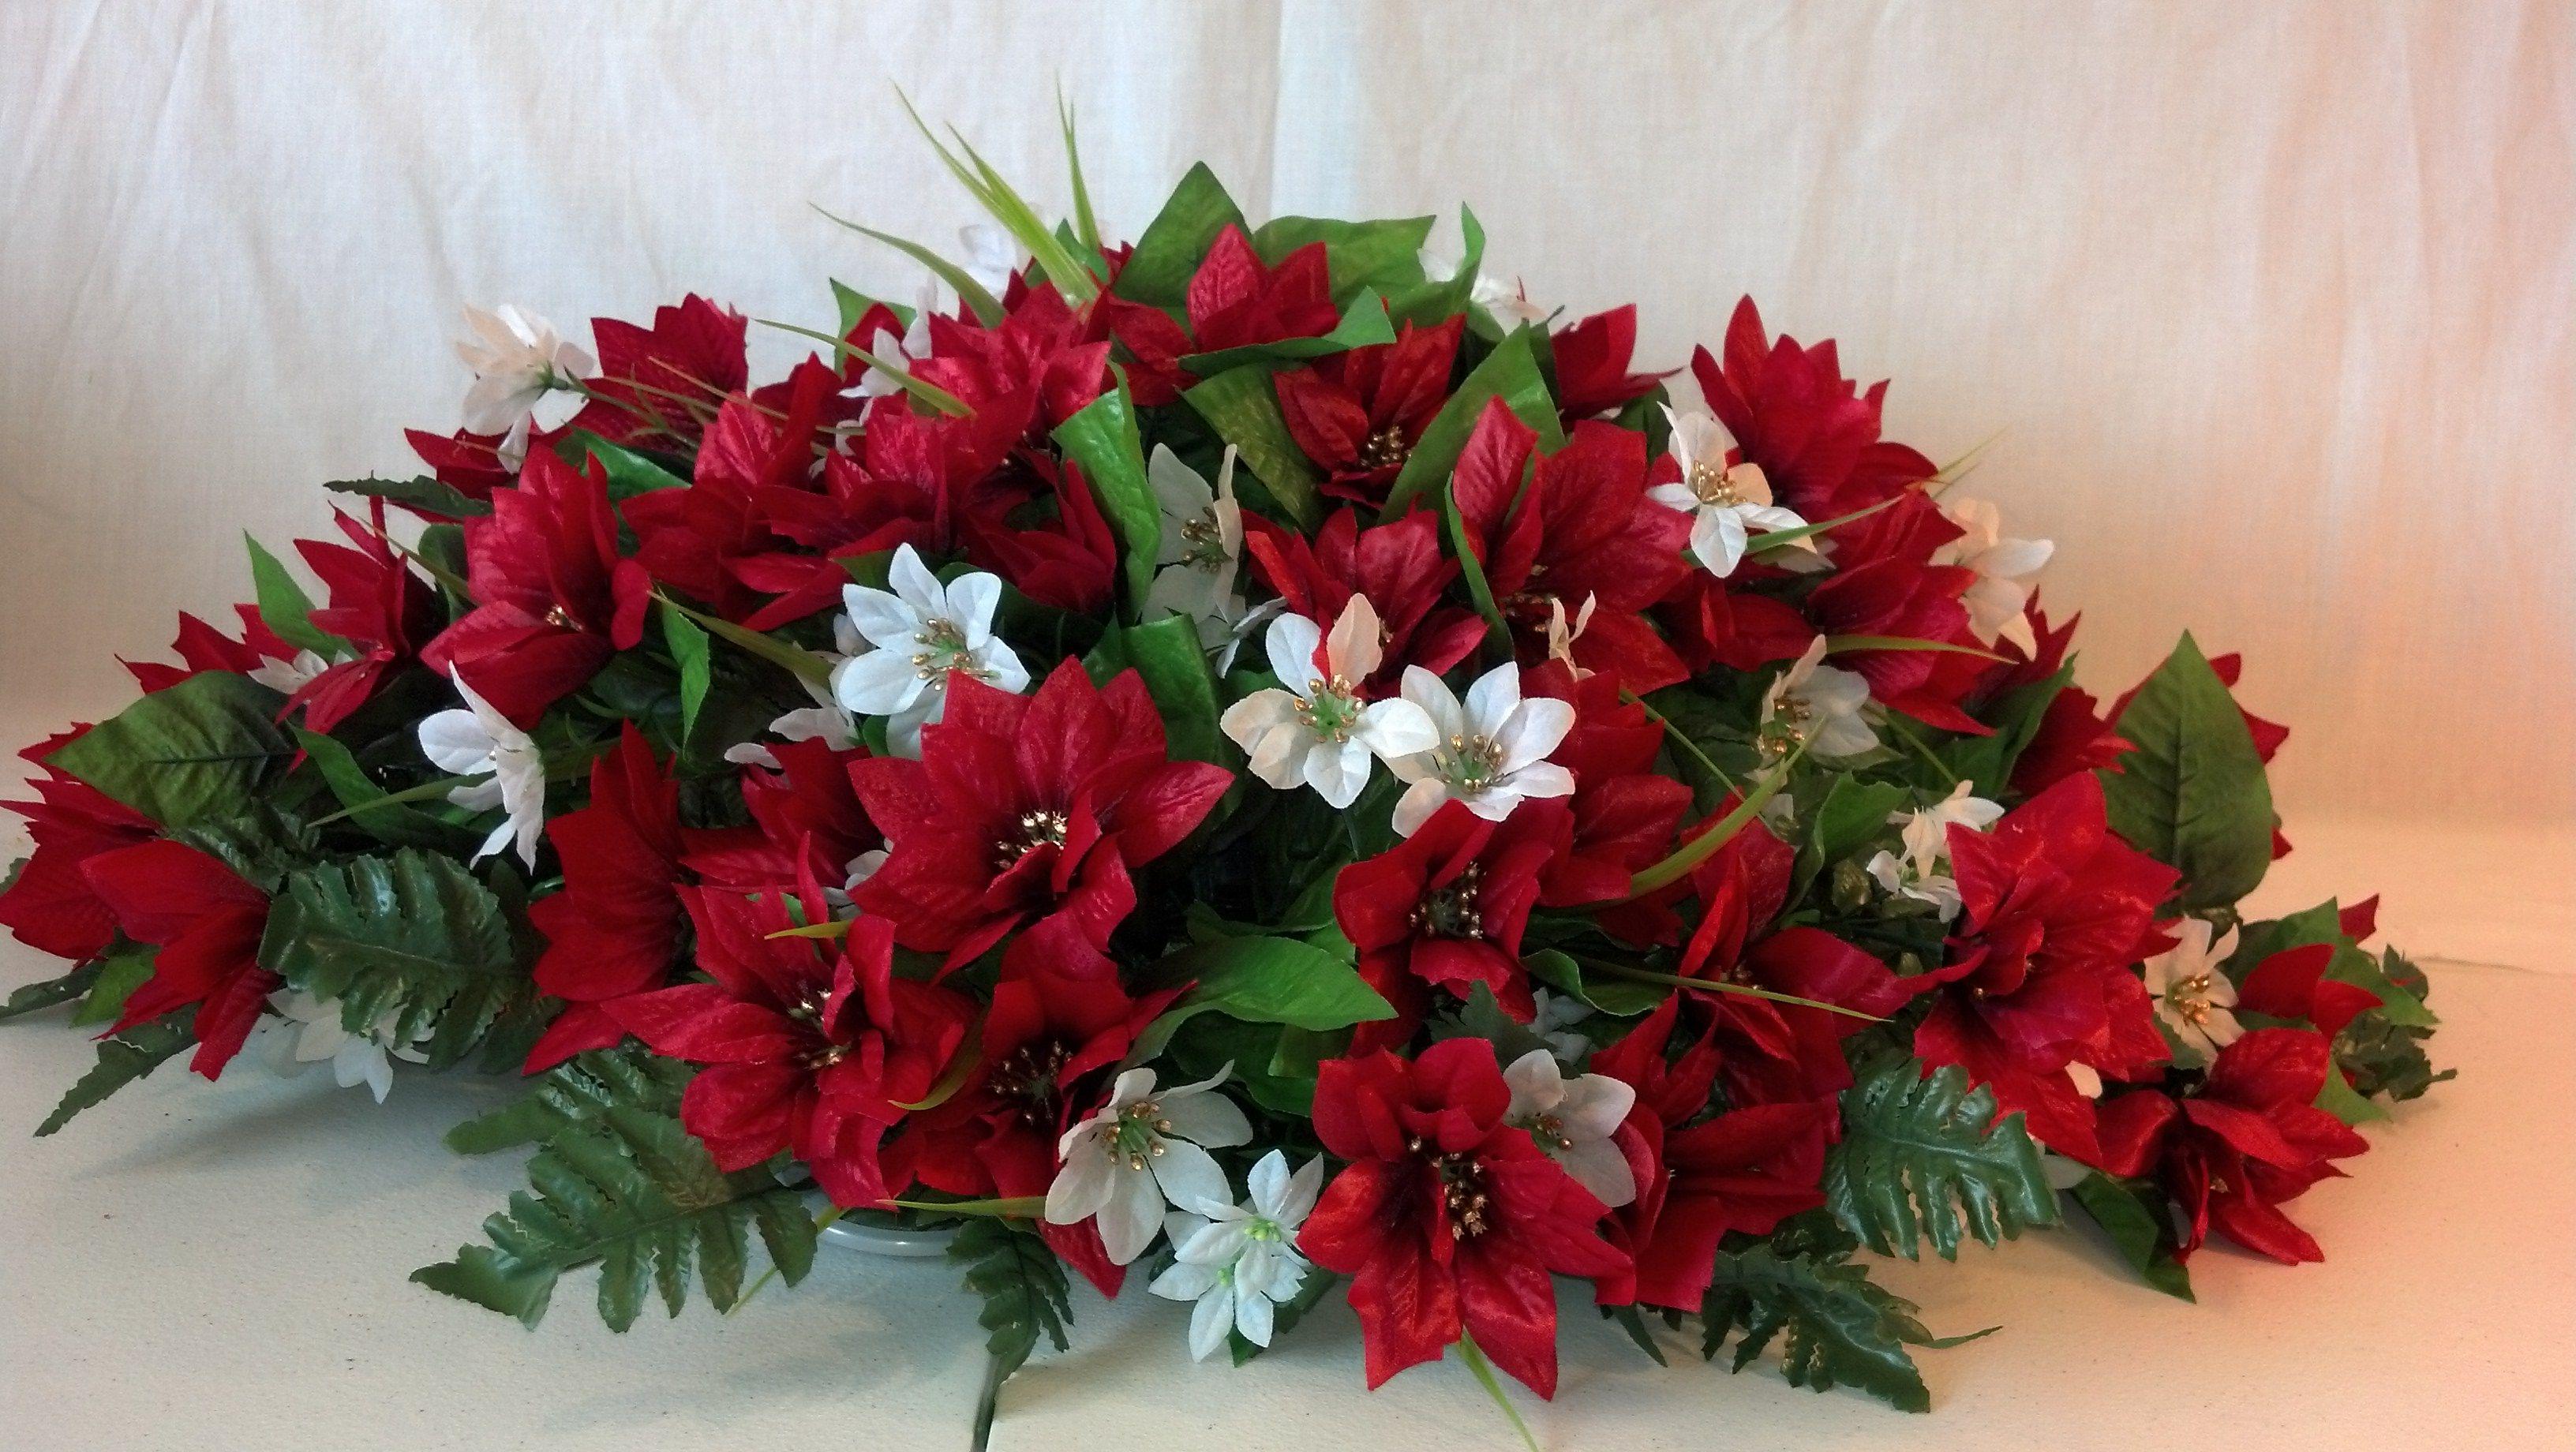 Christmasspraybig.jpg Artificial flower arrangements